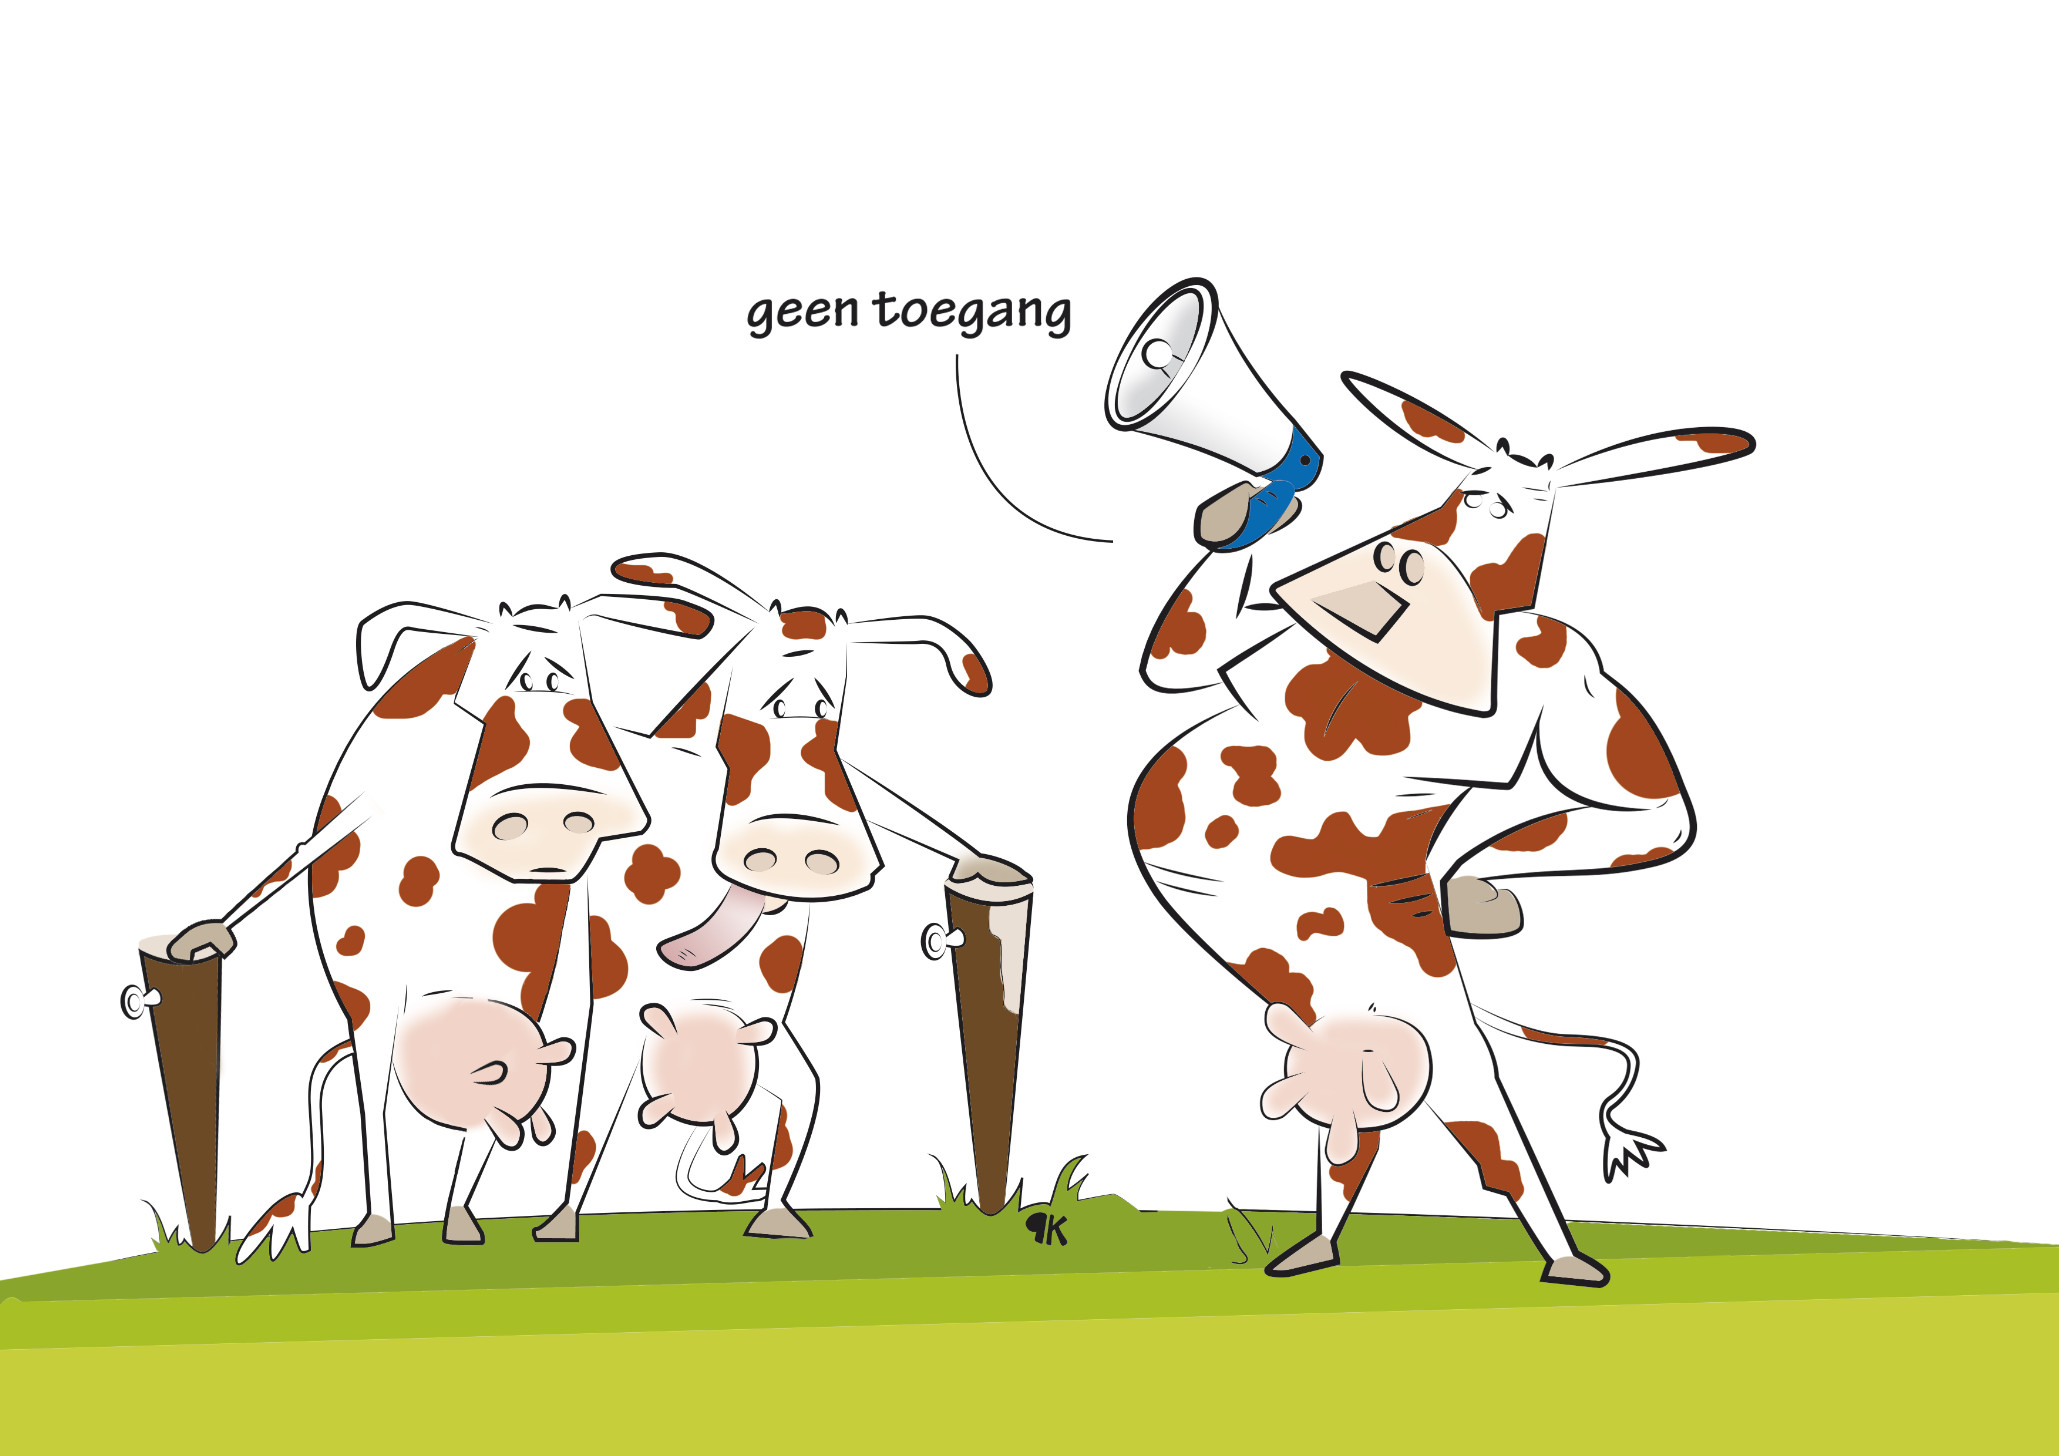 dating nl site Heerenveen